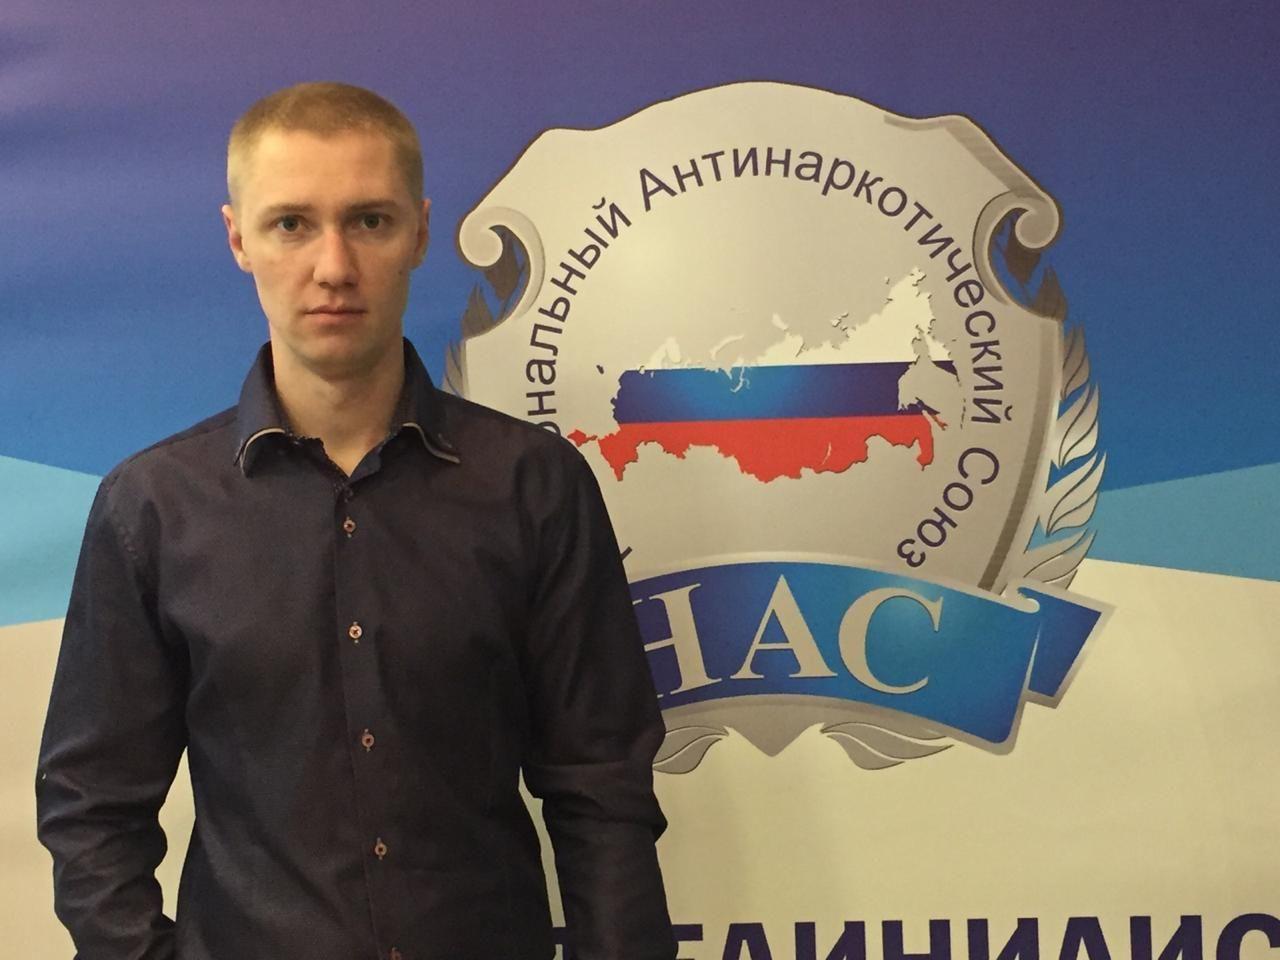 РЦ Здоровье нации в Барнауле